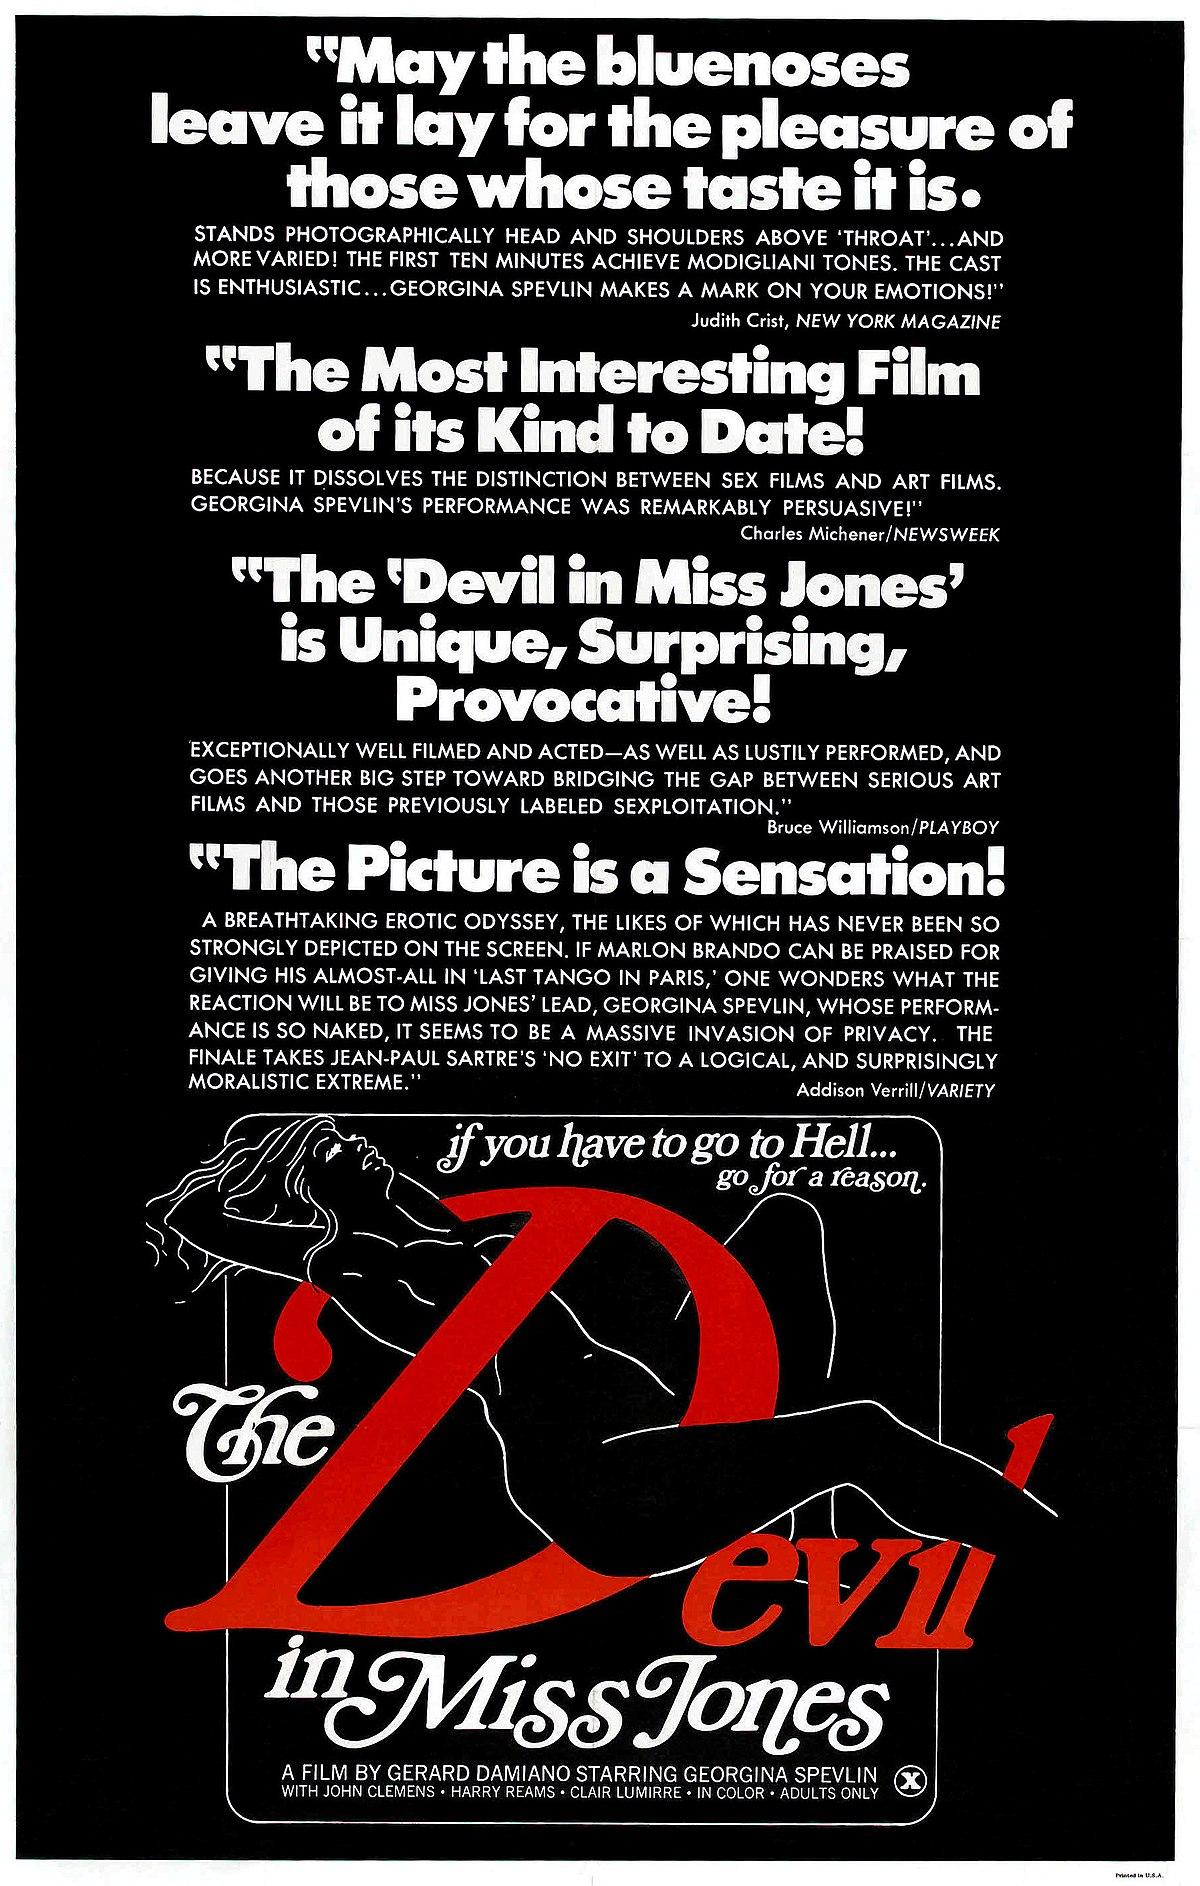 Deep throat devil in miss joans